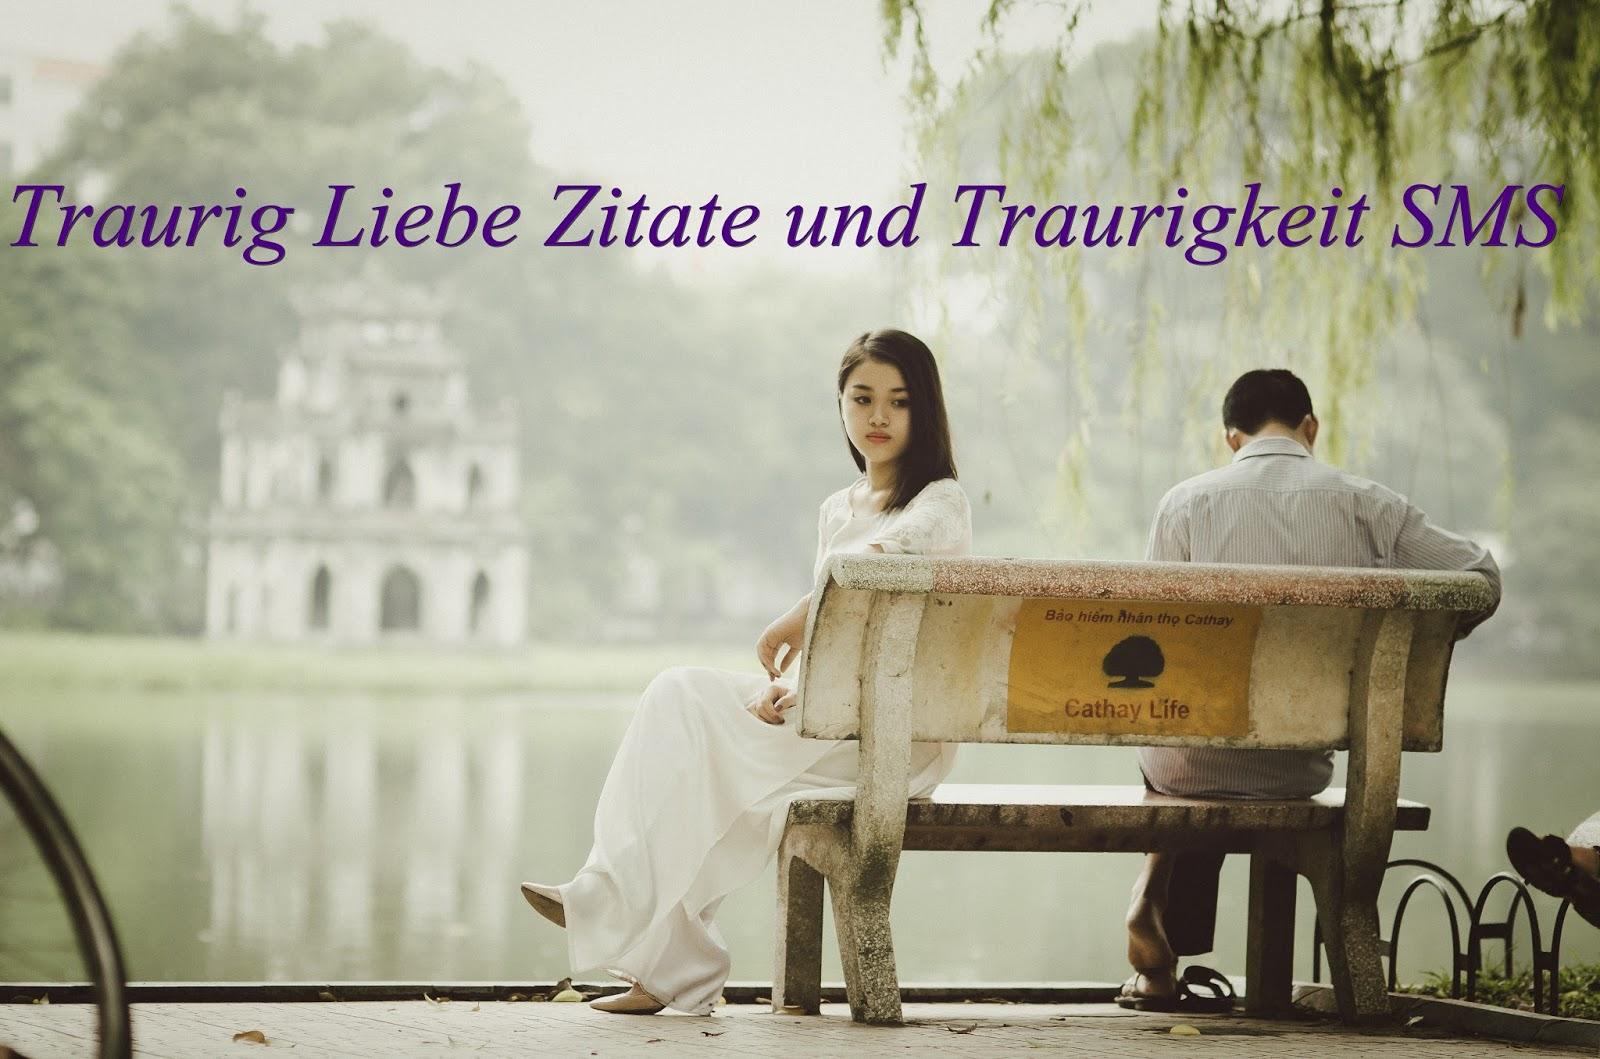 Romantische Bilder von Liebhabern mit Zitaten